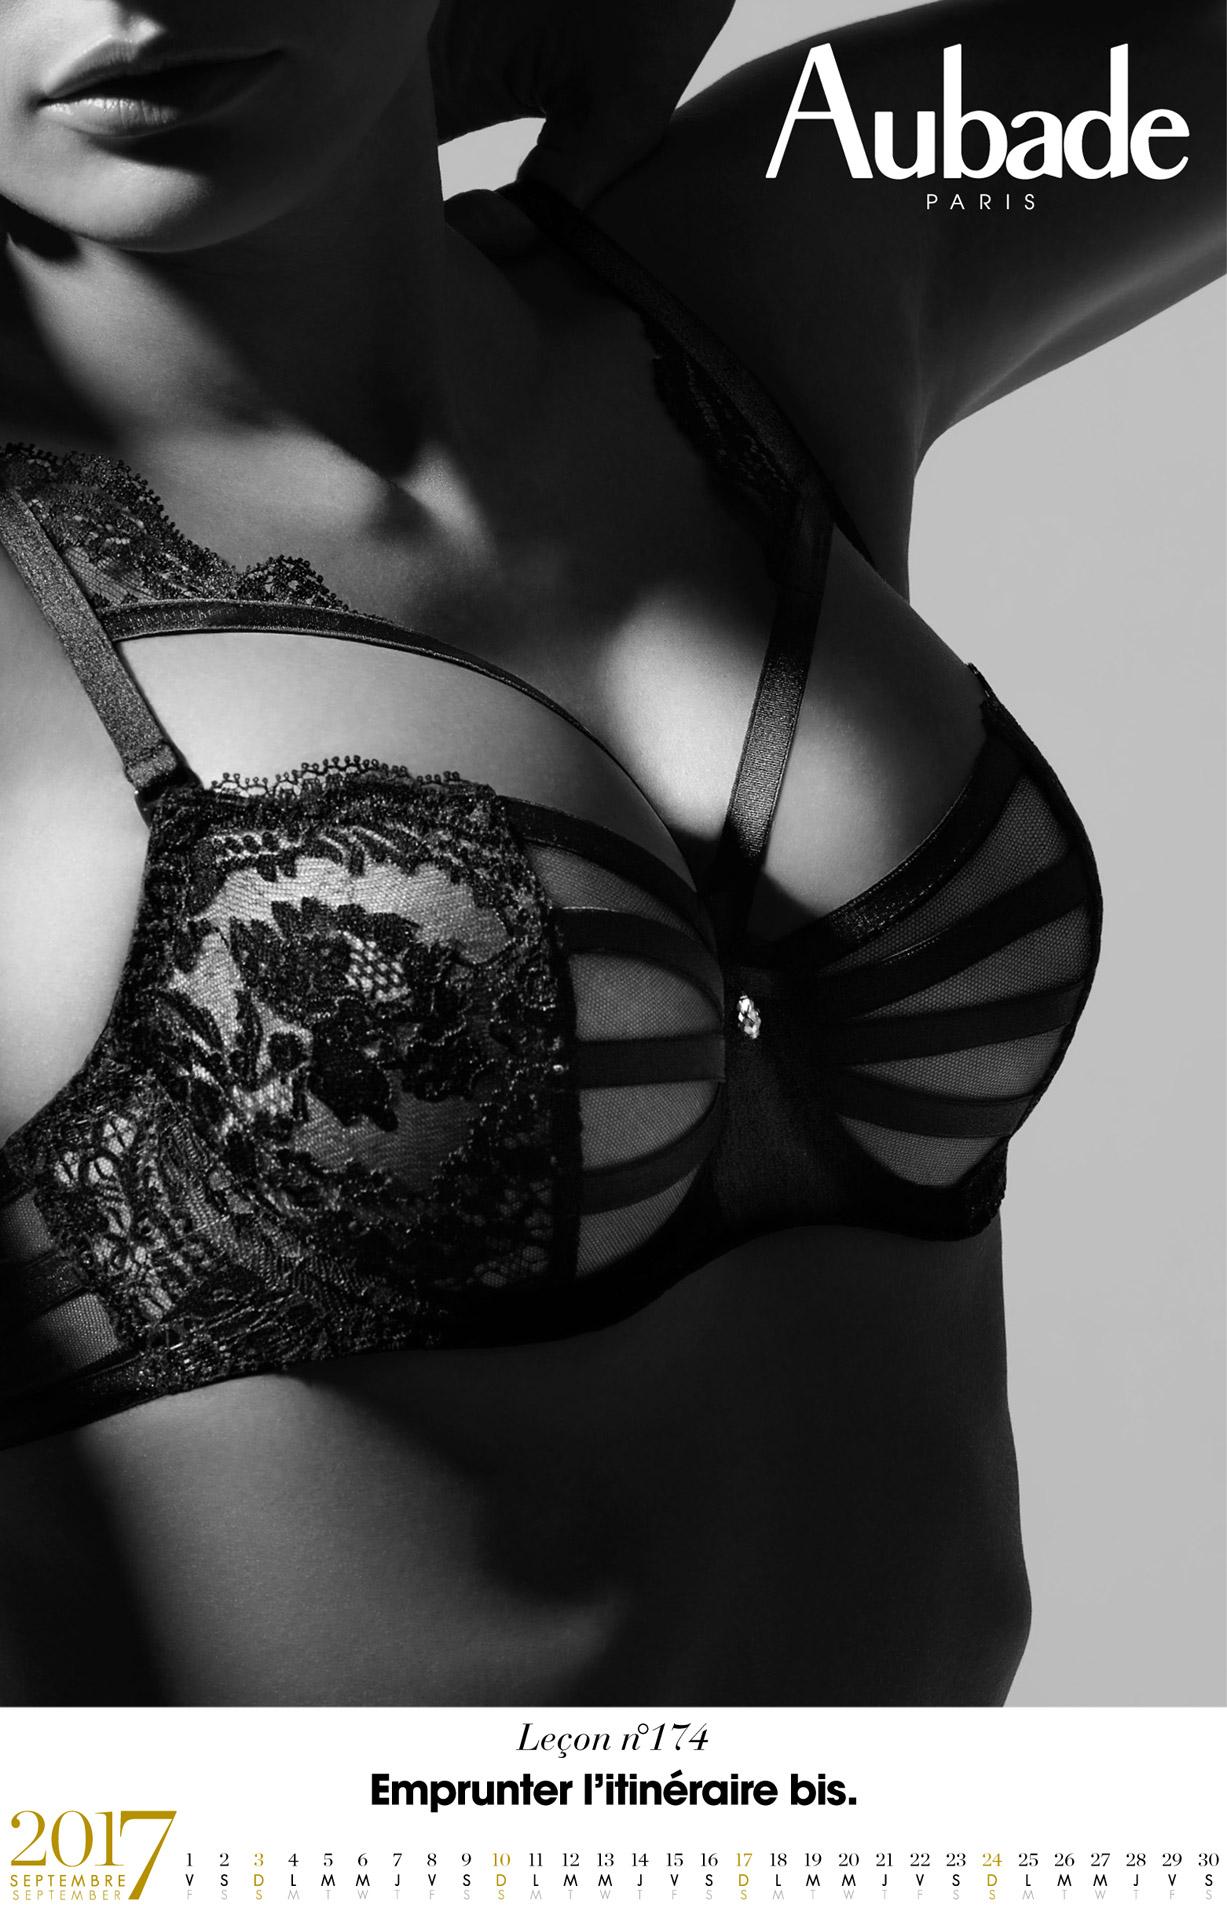 календарь сексуального нижнего белья Aubade 2017